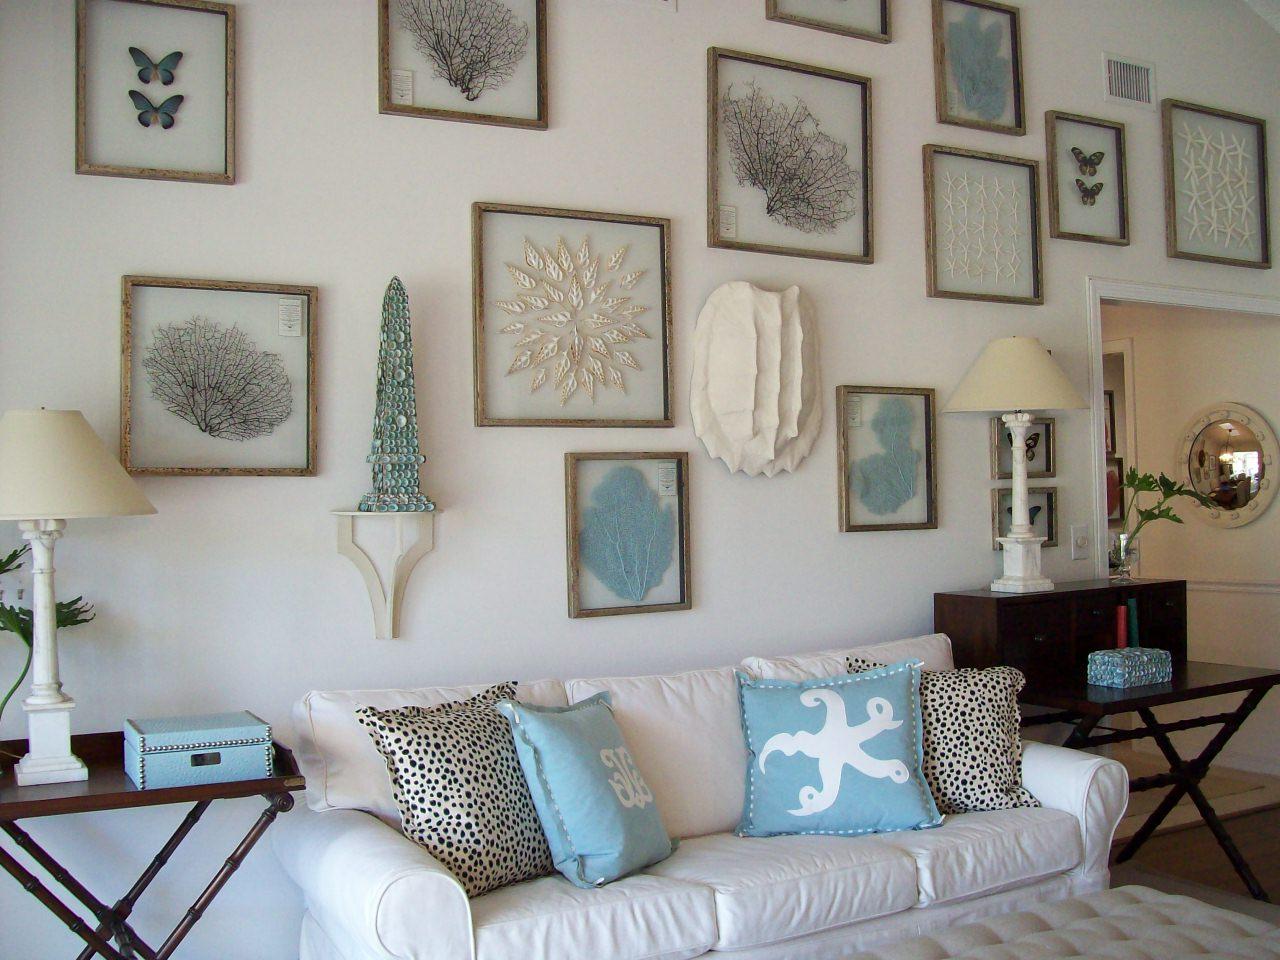 Декор стены картинками в морском стиле